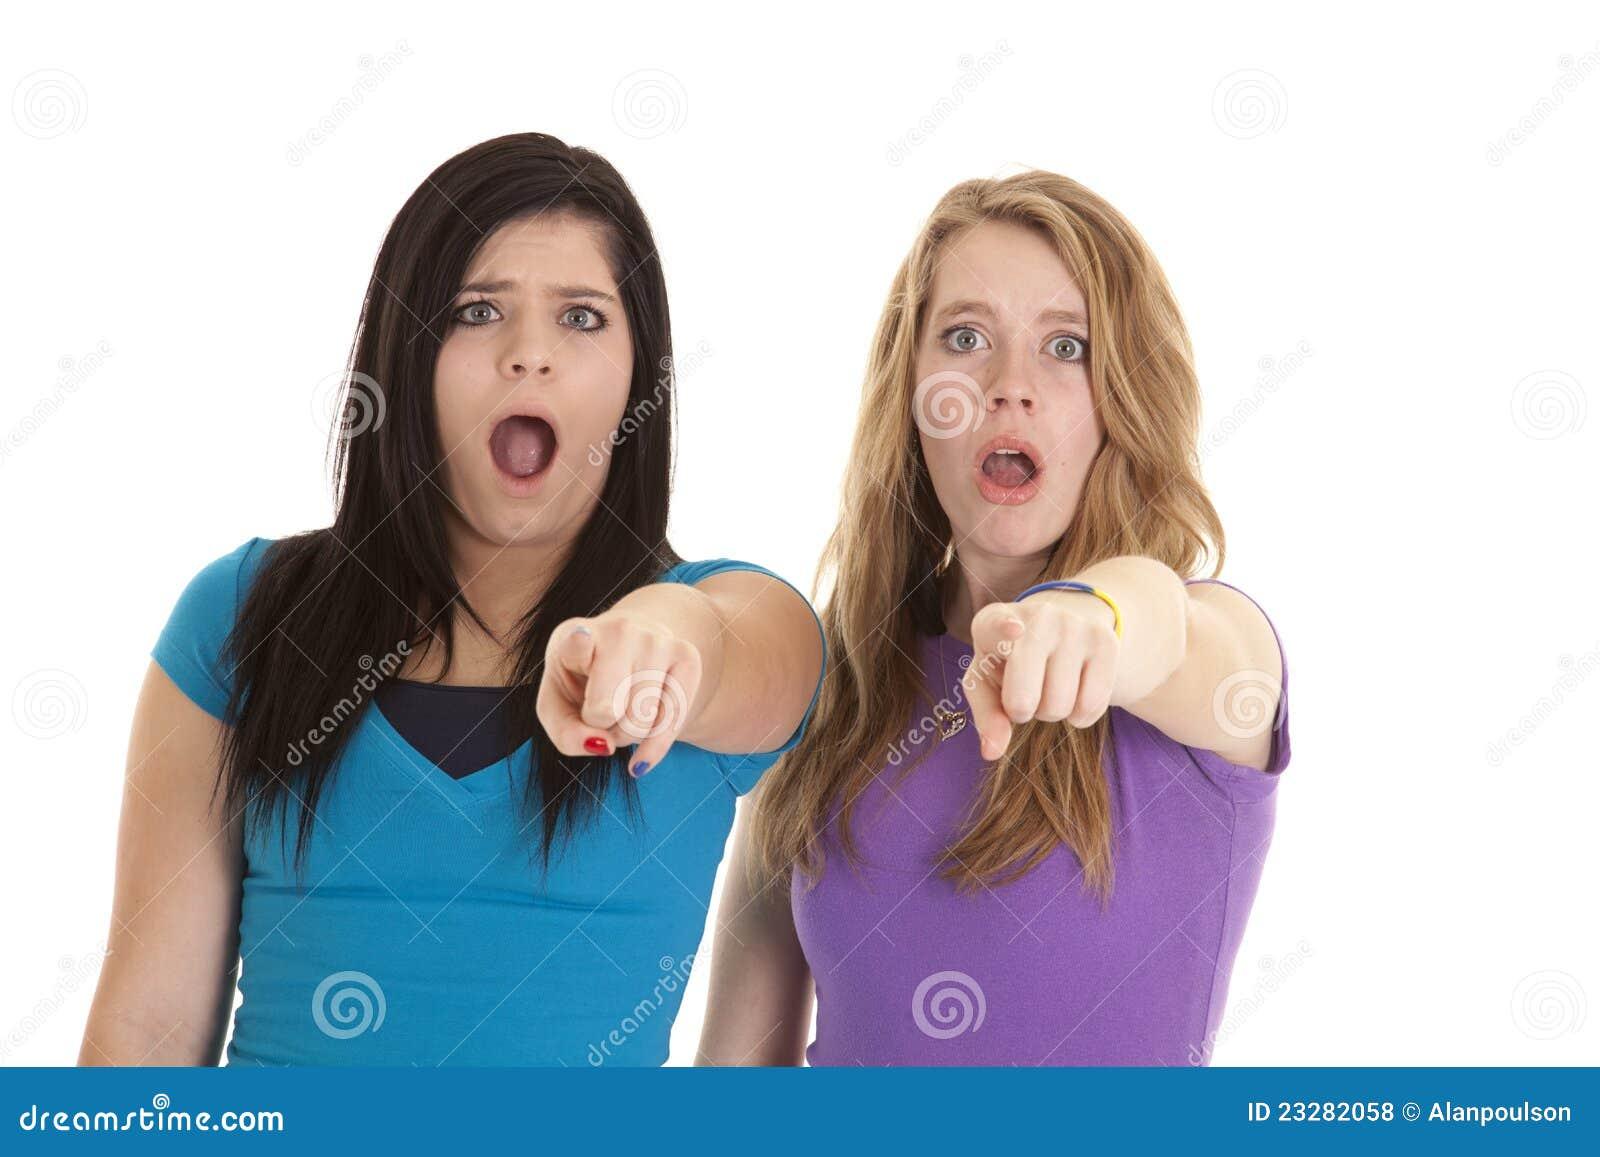 girl meeting girl electrocuted